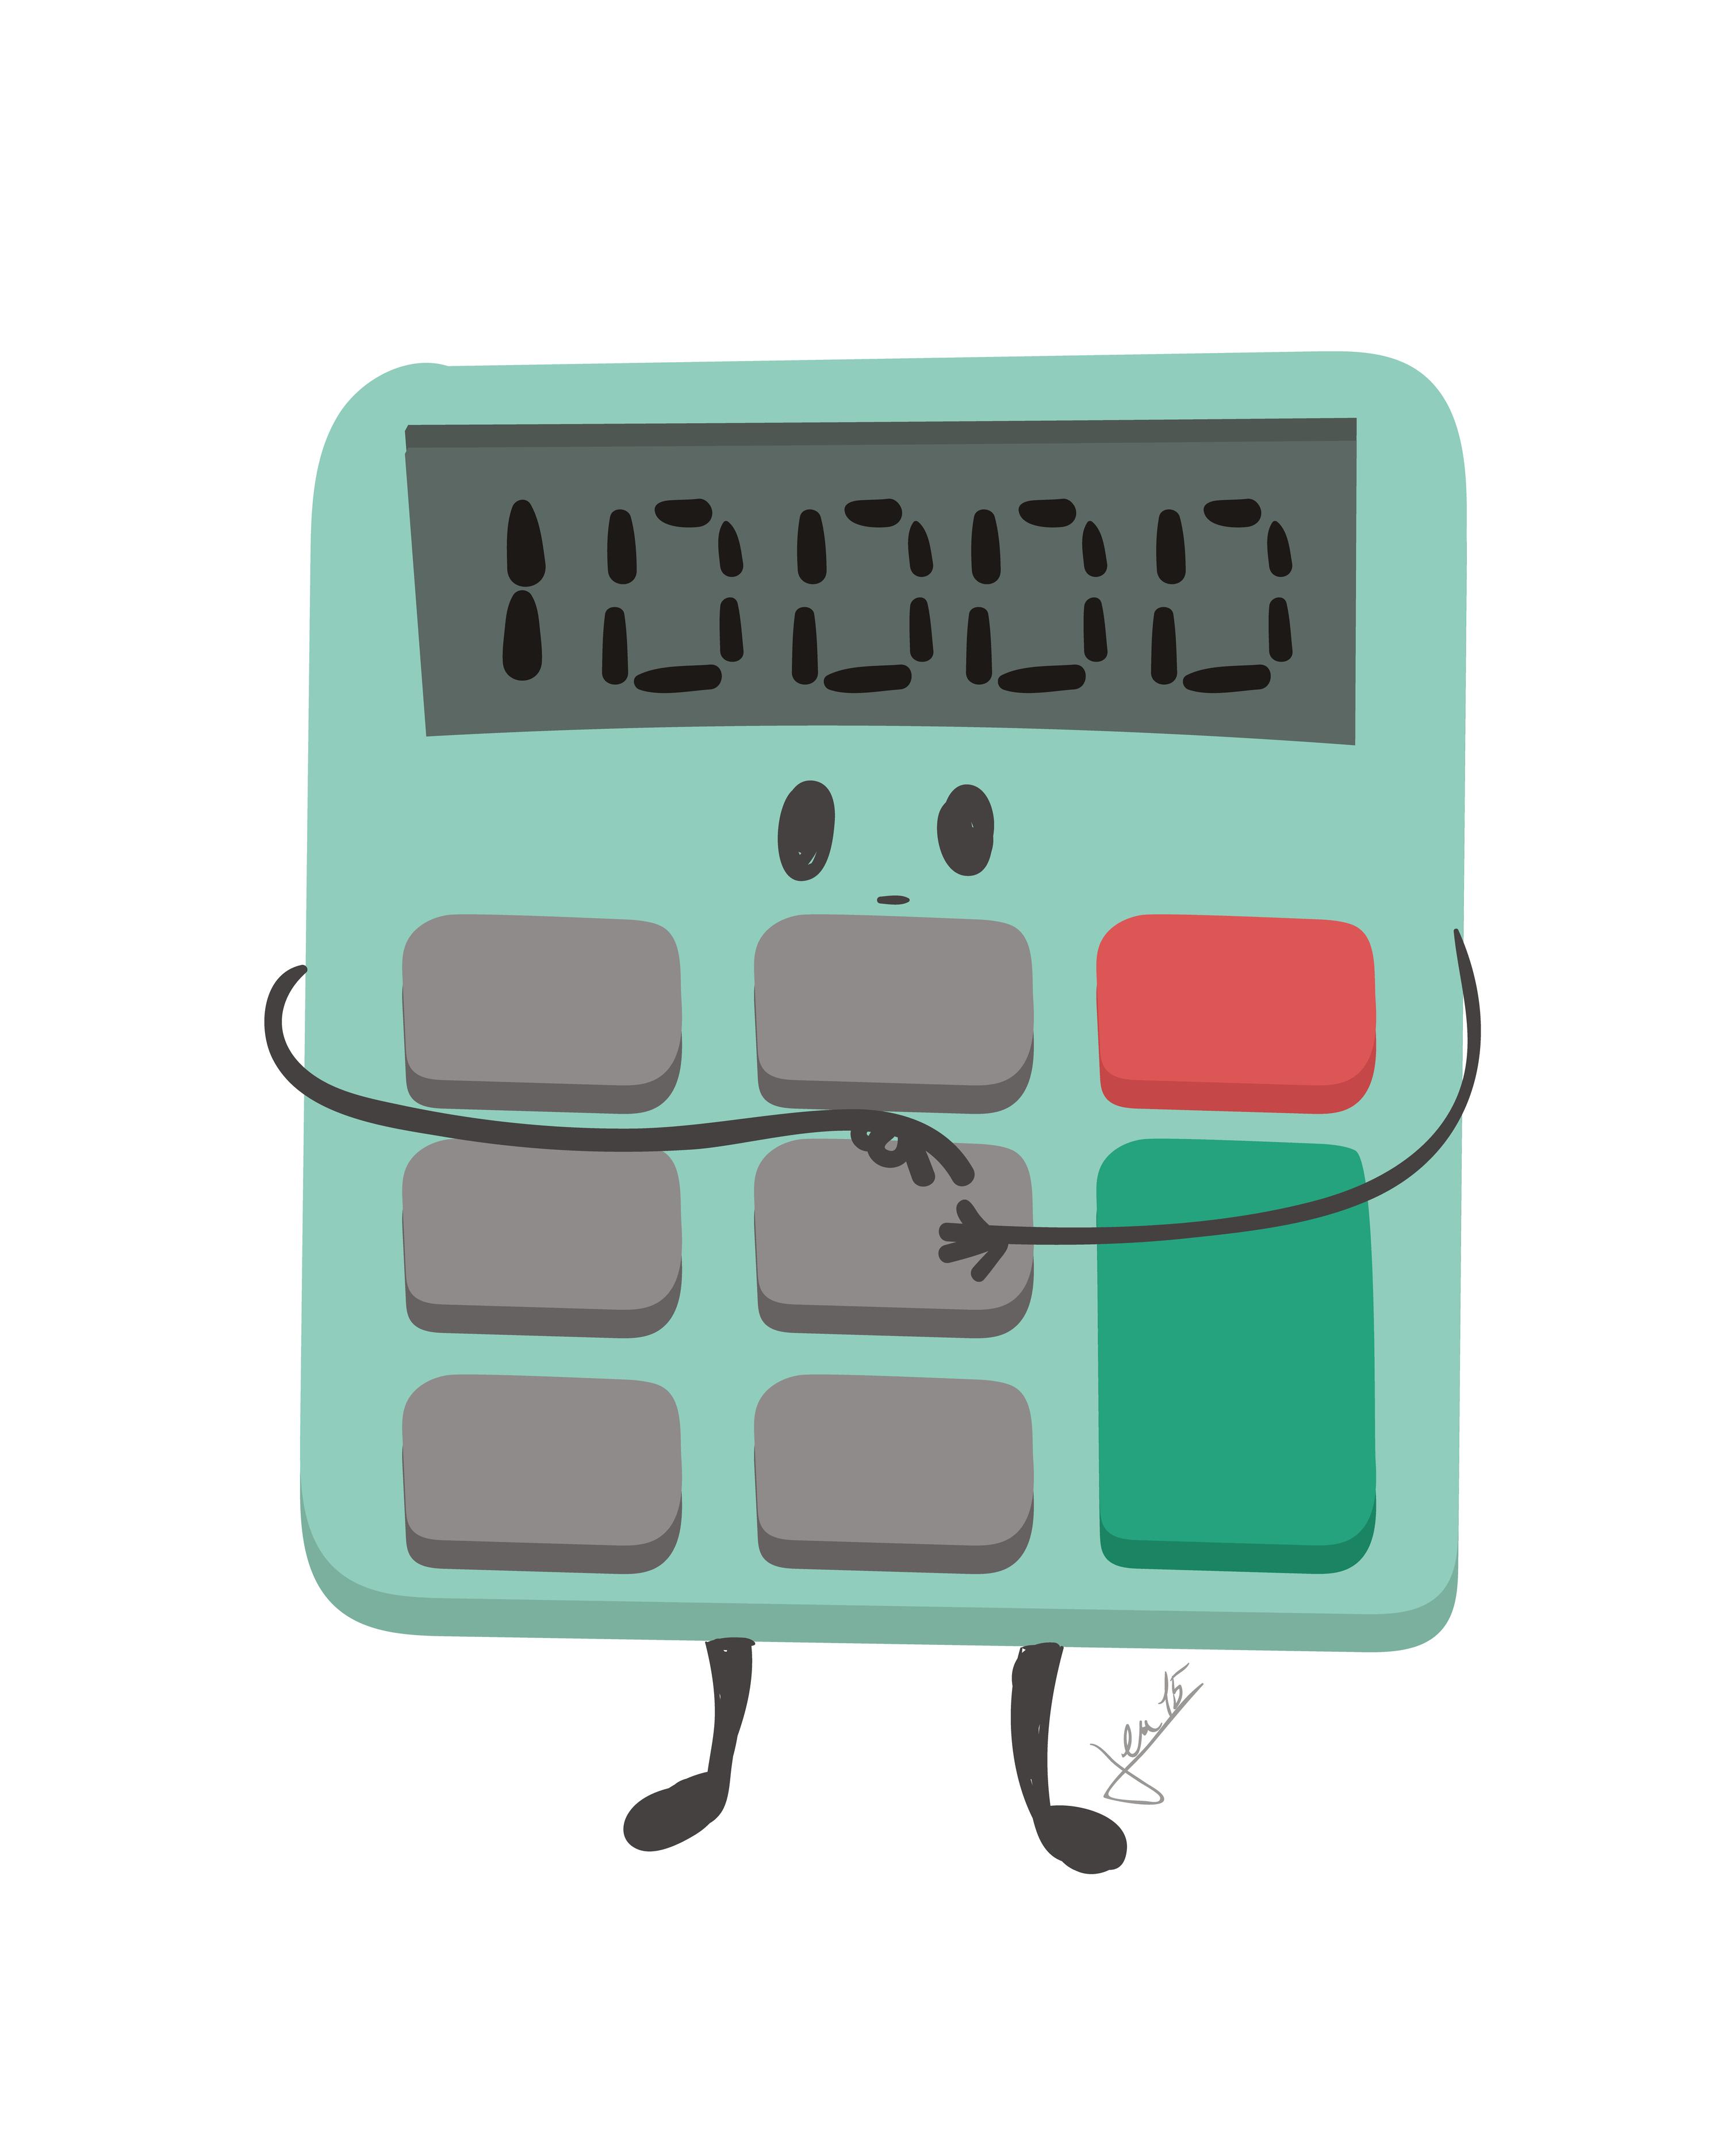 Ex. 1 Supercalculatrice